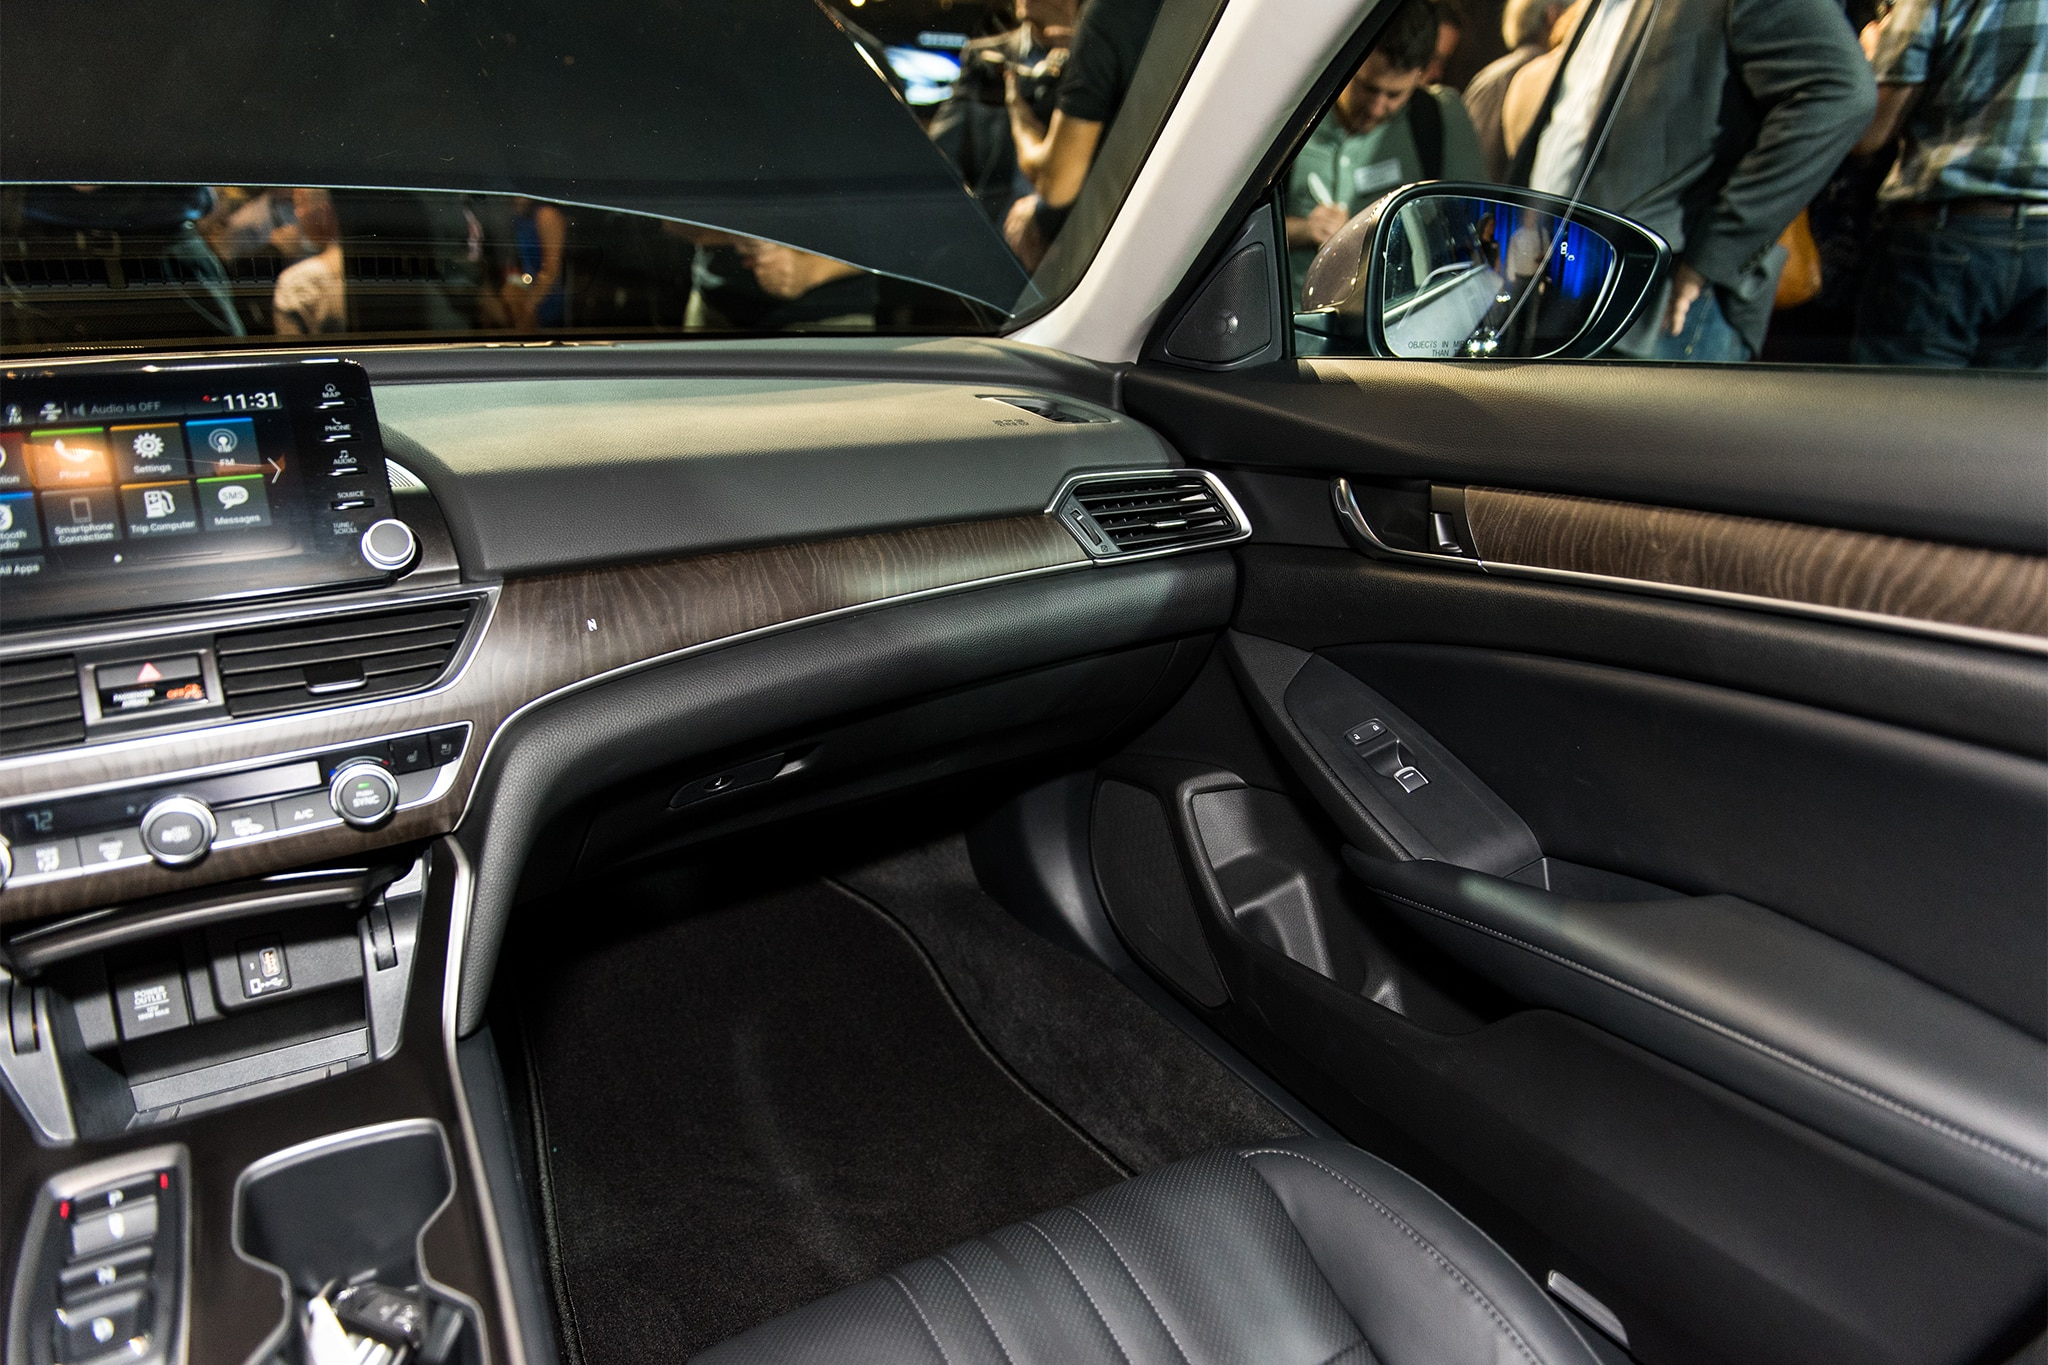 Honda Accord 2018 Inicia Su Producci N Motor Trend En Espa Ol